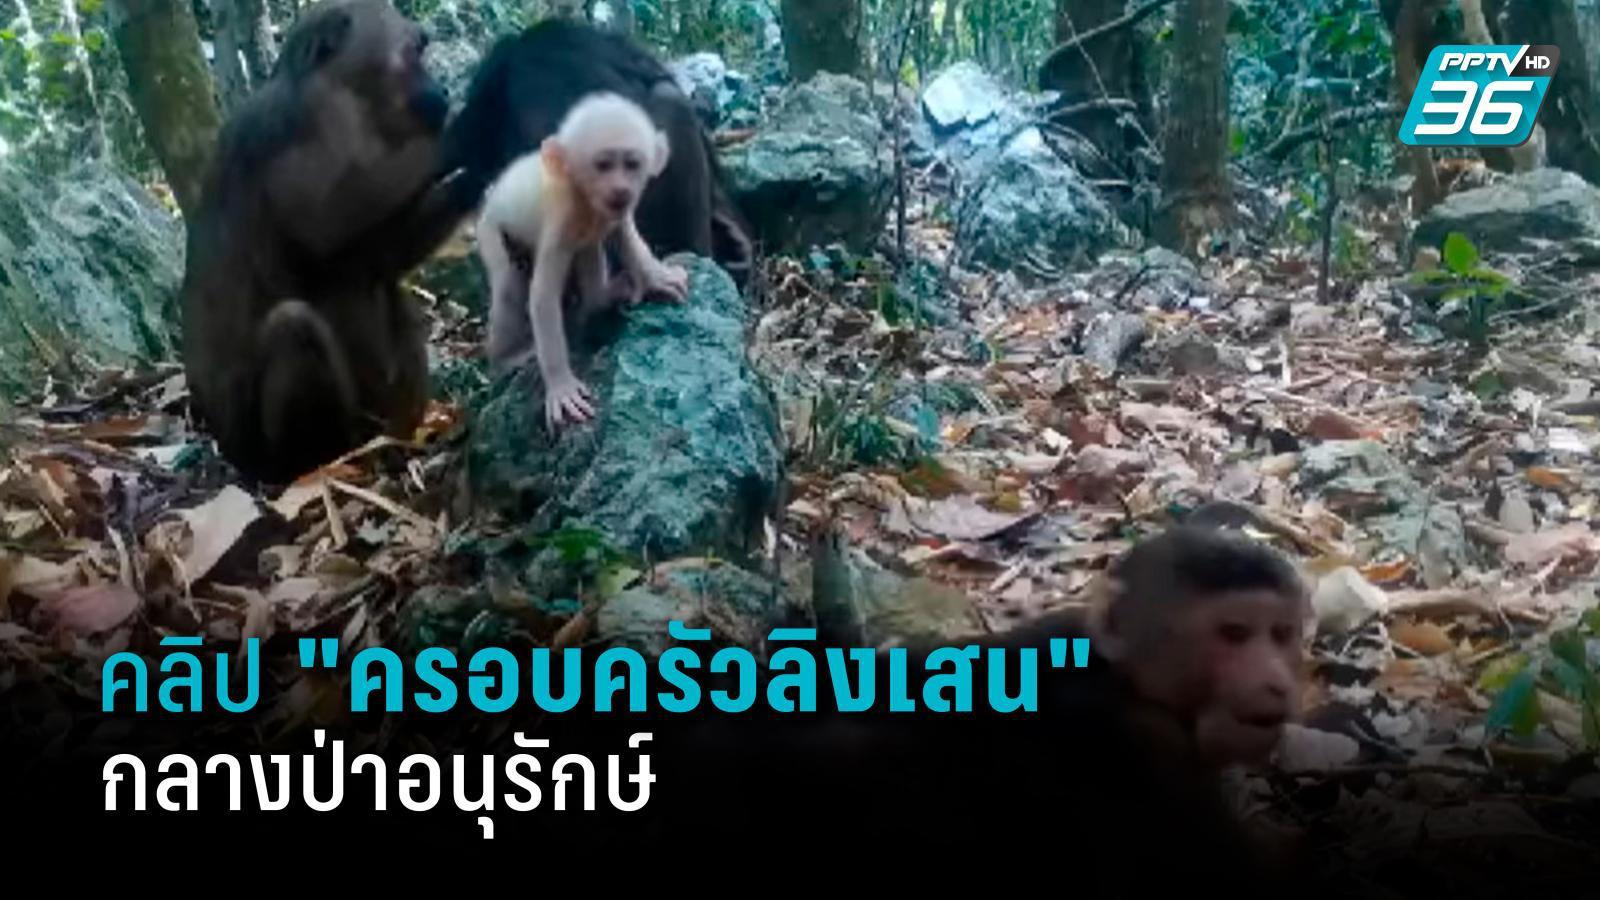 """ภาพ """"ครอบครัวลิงเสน"""" ผ่านกล้องดักถ่าย ในพื้นที่ป่าอนุรักษ์ของไทย"""